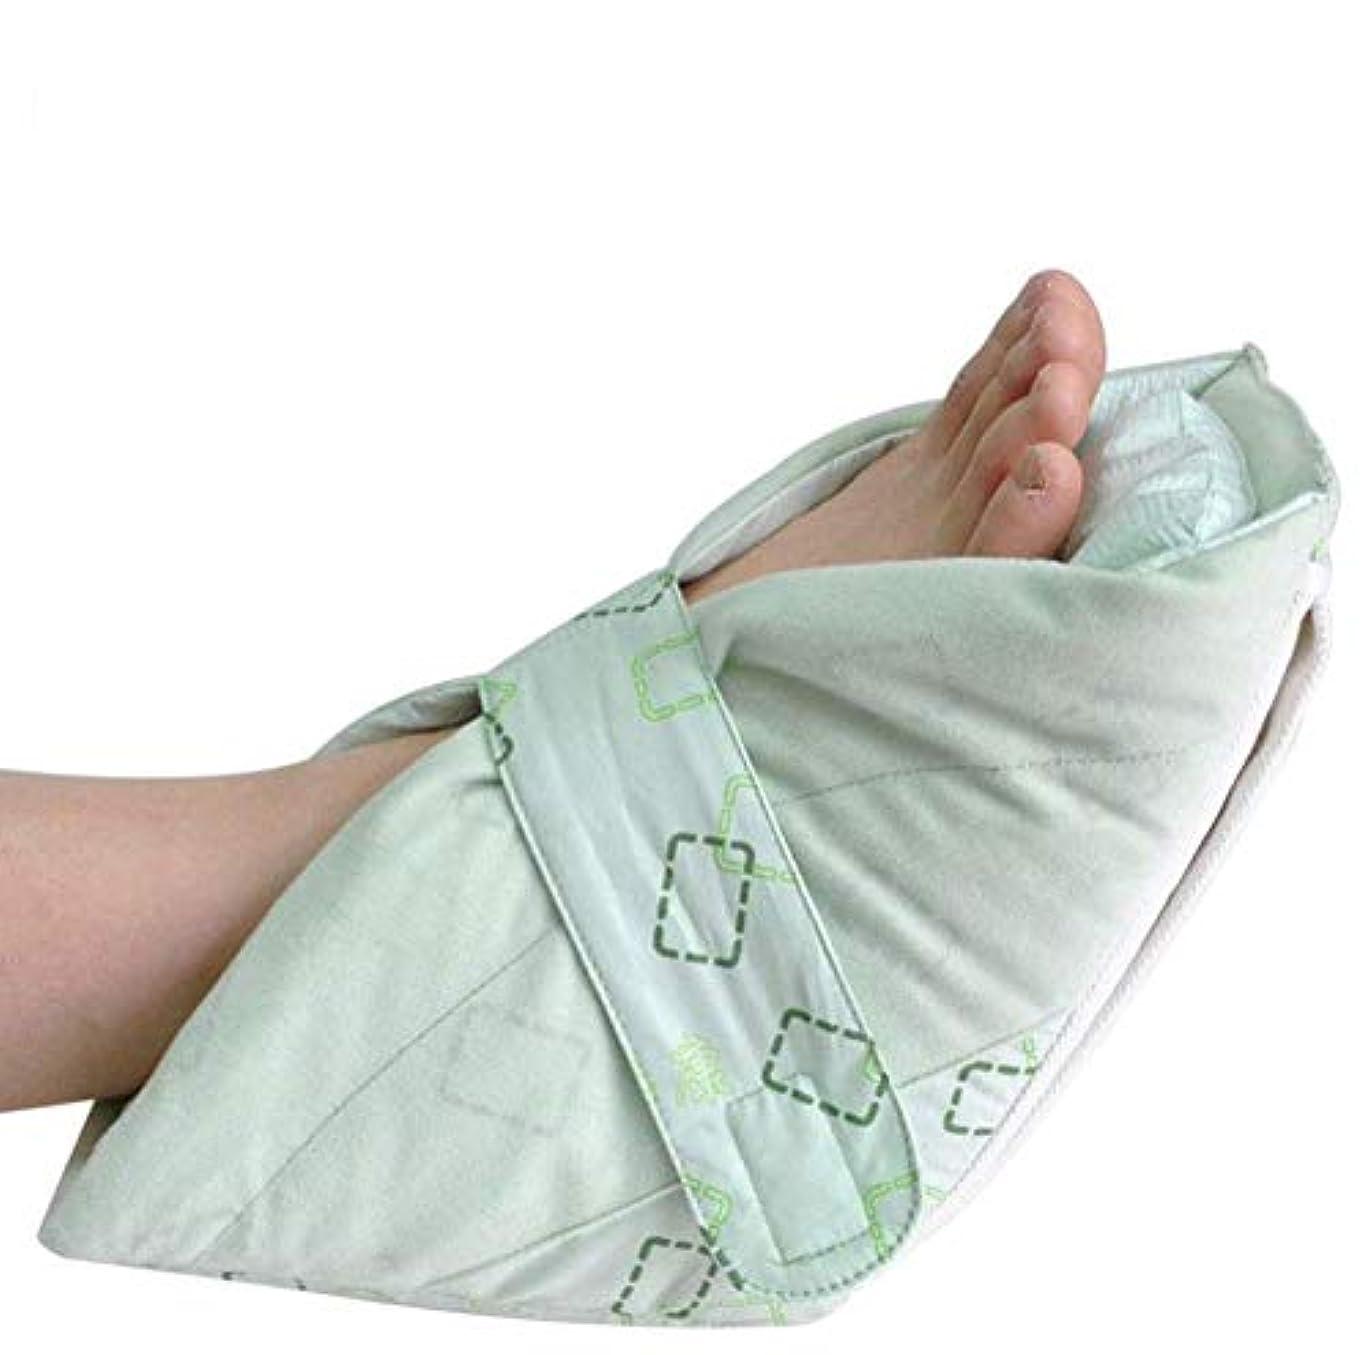 スキニー野ウサギシンプルな圧力緩和ヒールプロテクター - 超極細コットン生地、内側のクッションを分離することができます - 褥瘡&腱レスト用 - 1ペア